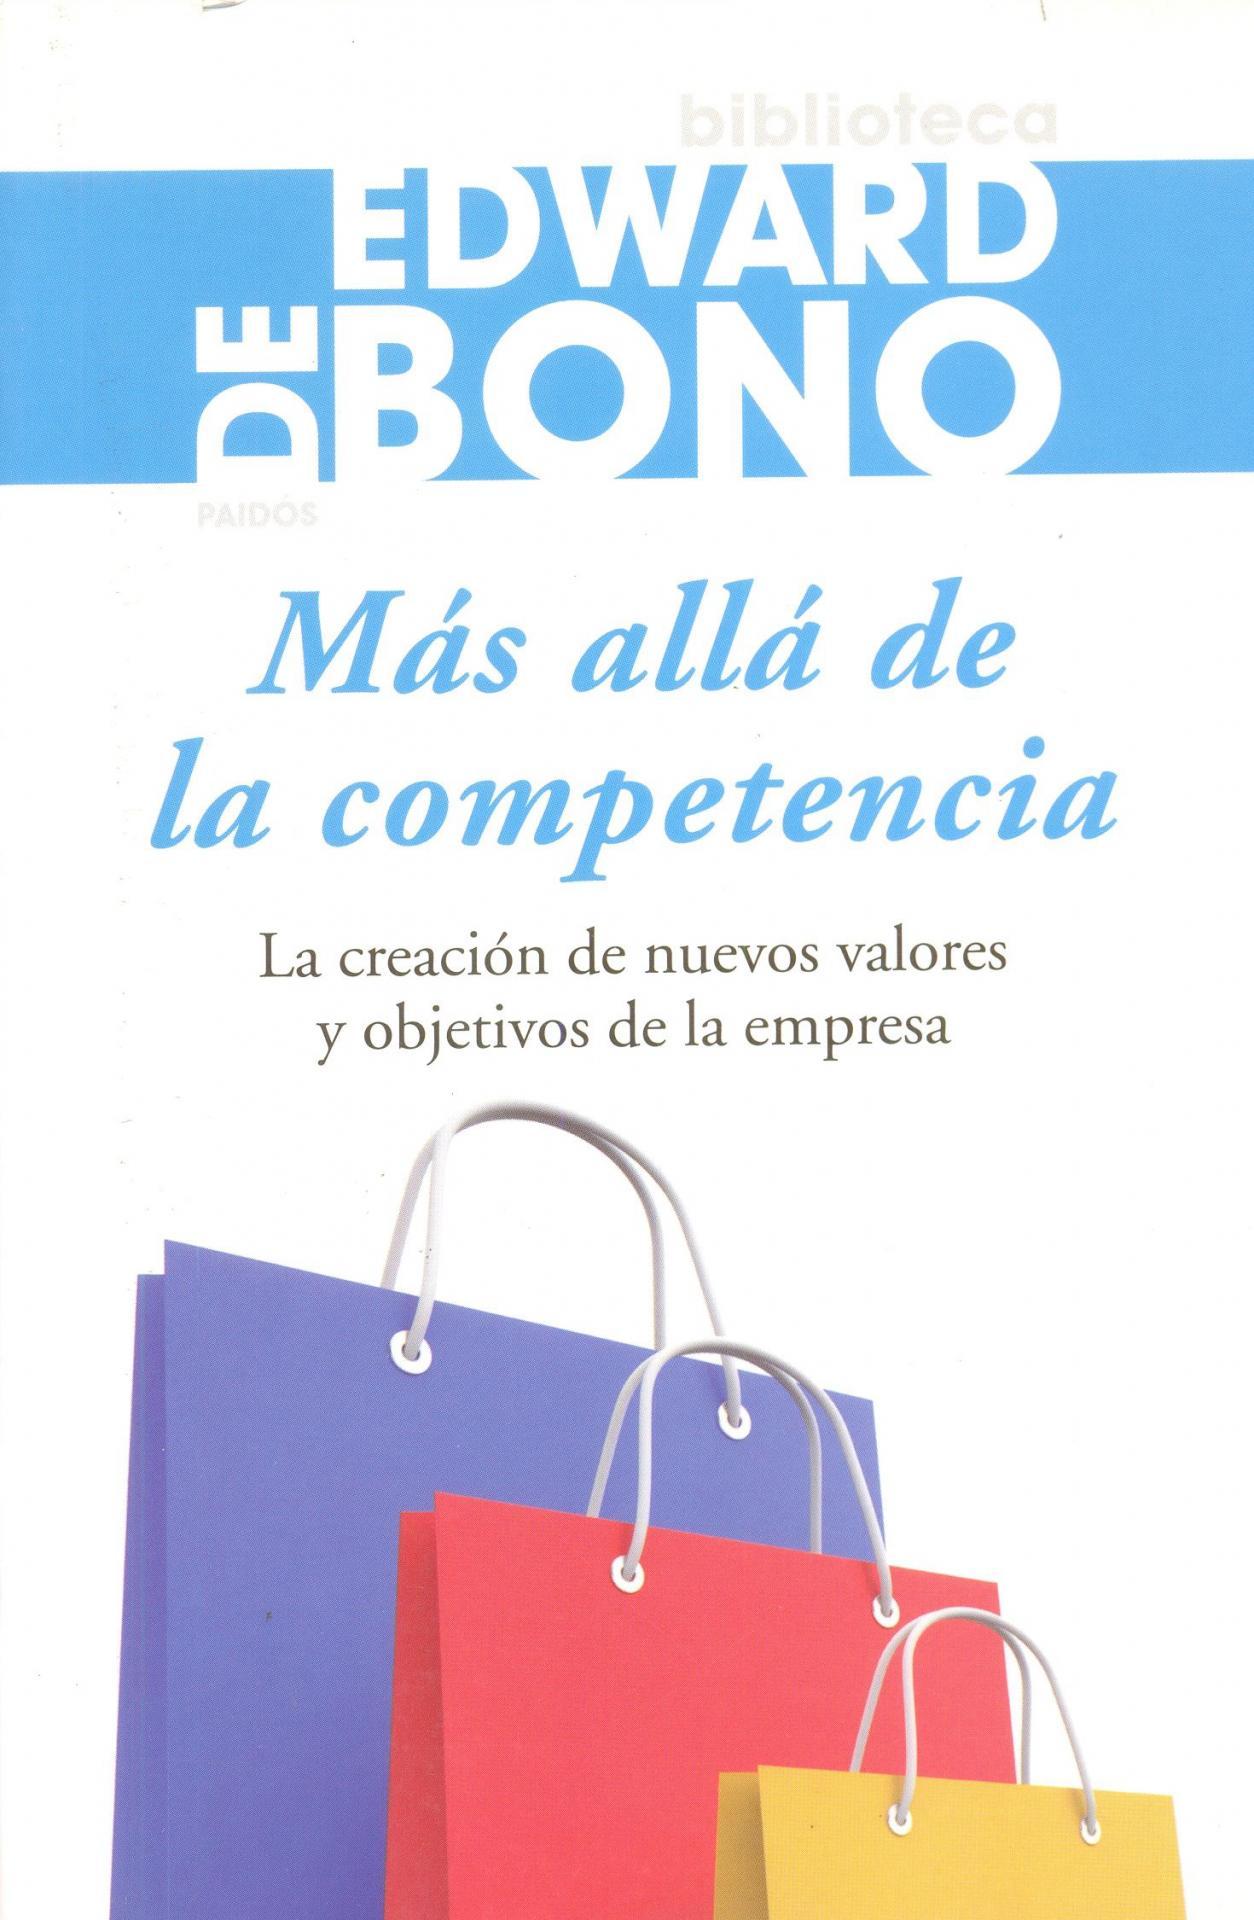 MÁS ALLÁ DE LA COMPETENCIA. La creación de nuevos valores y objetivos de la empresa. De Bono, E.